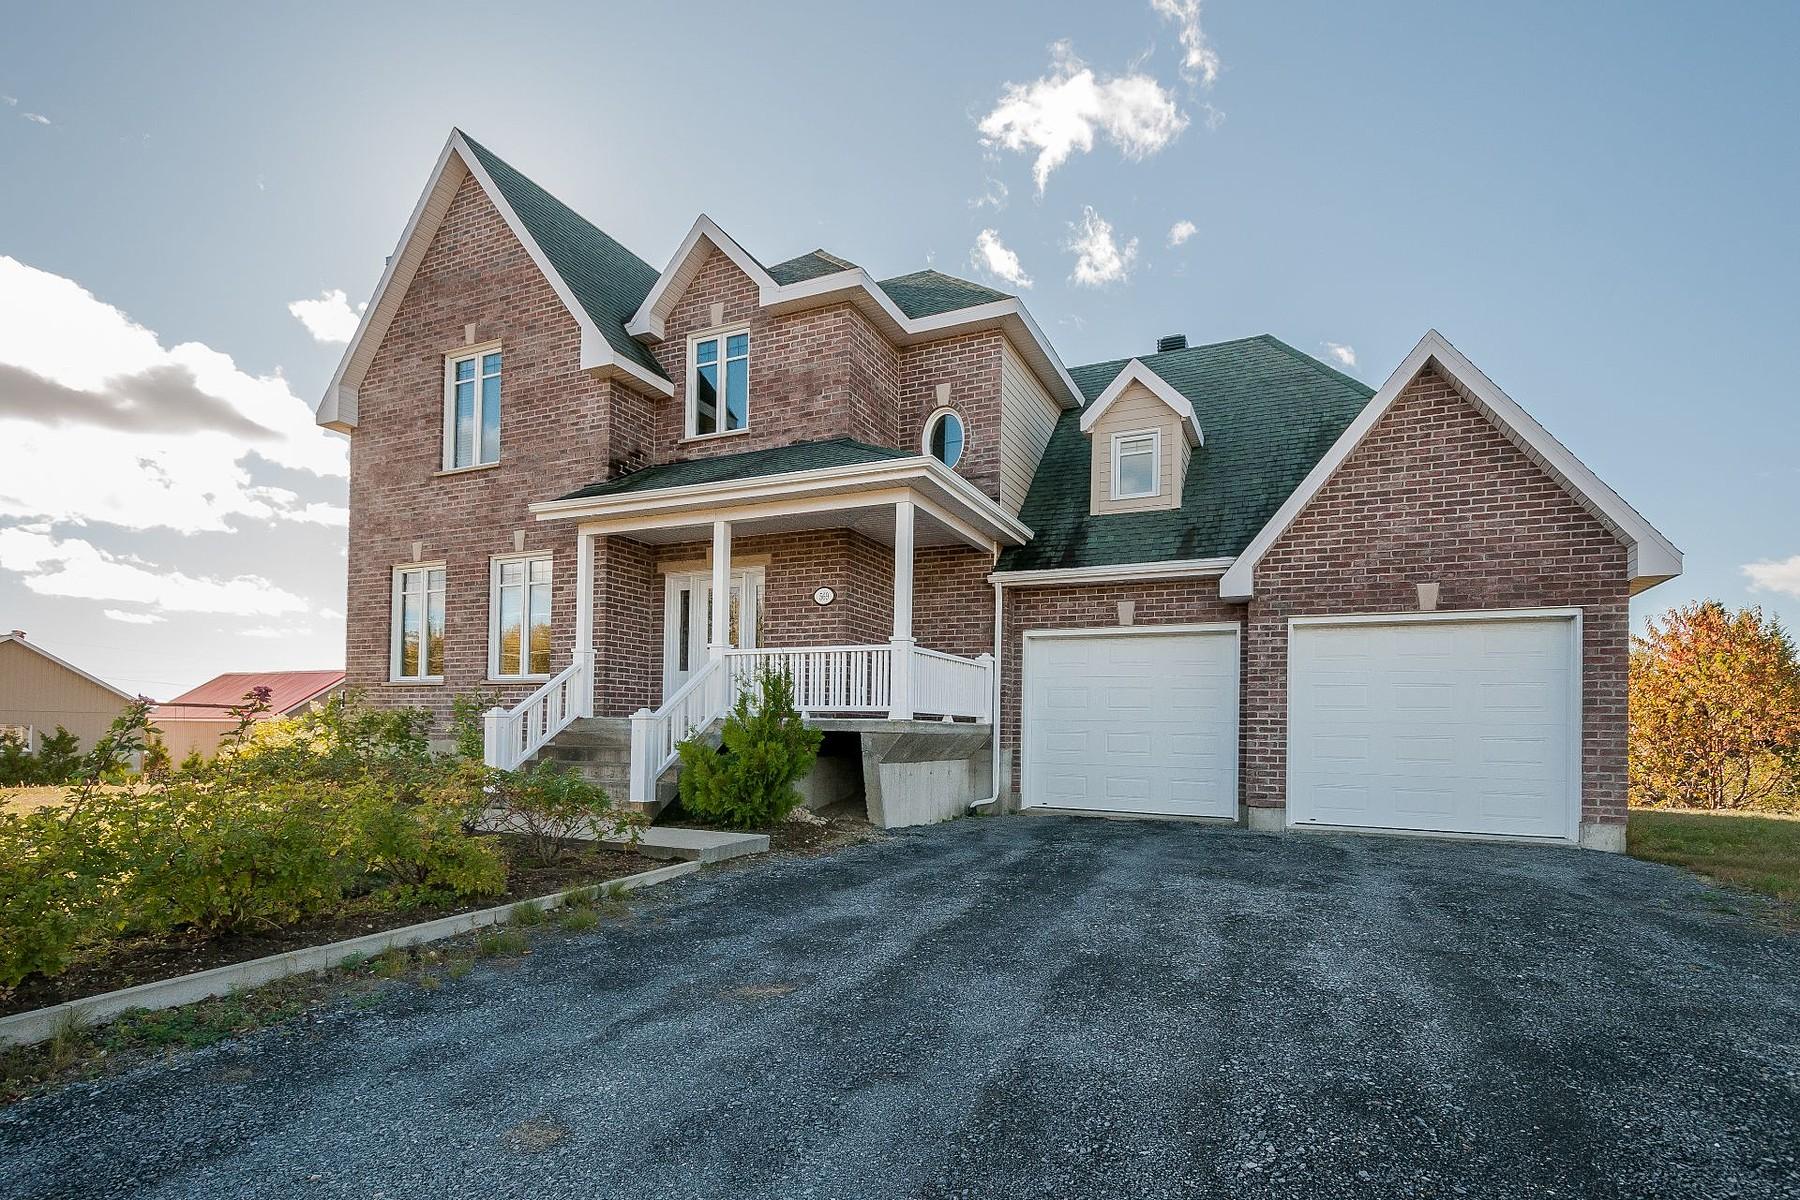 Single Family Home for Sale at Baie-Saint-Paul, Capitale-Nationale 569 Côte de Pérou, Baie-Saint-Paul, Quebec, G3Z1L6 Canada